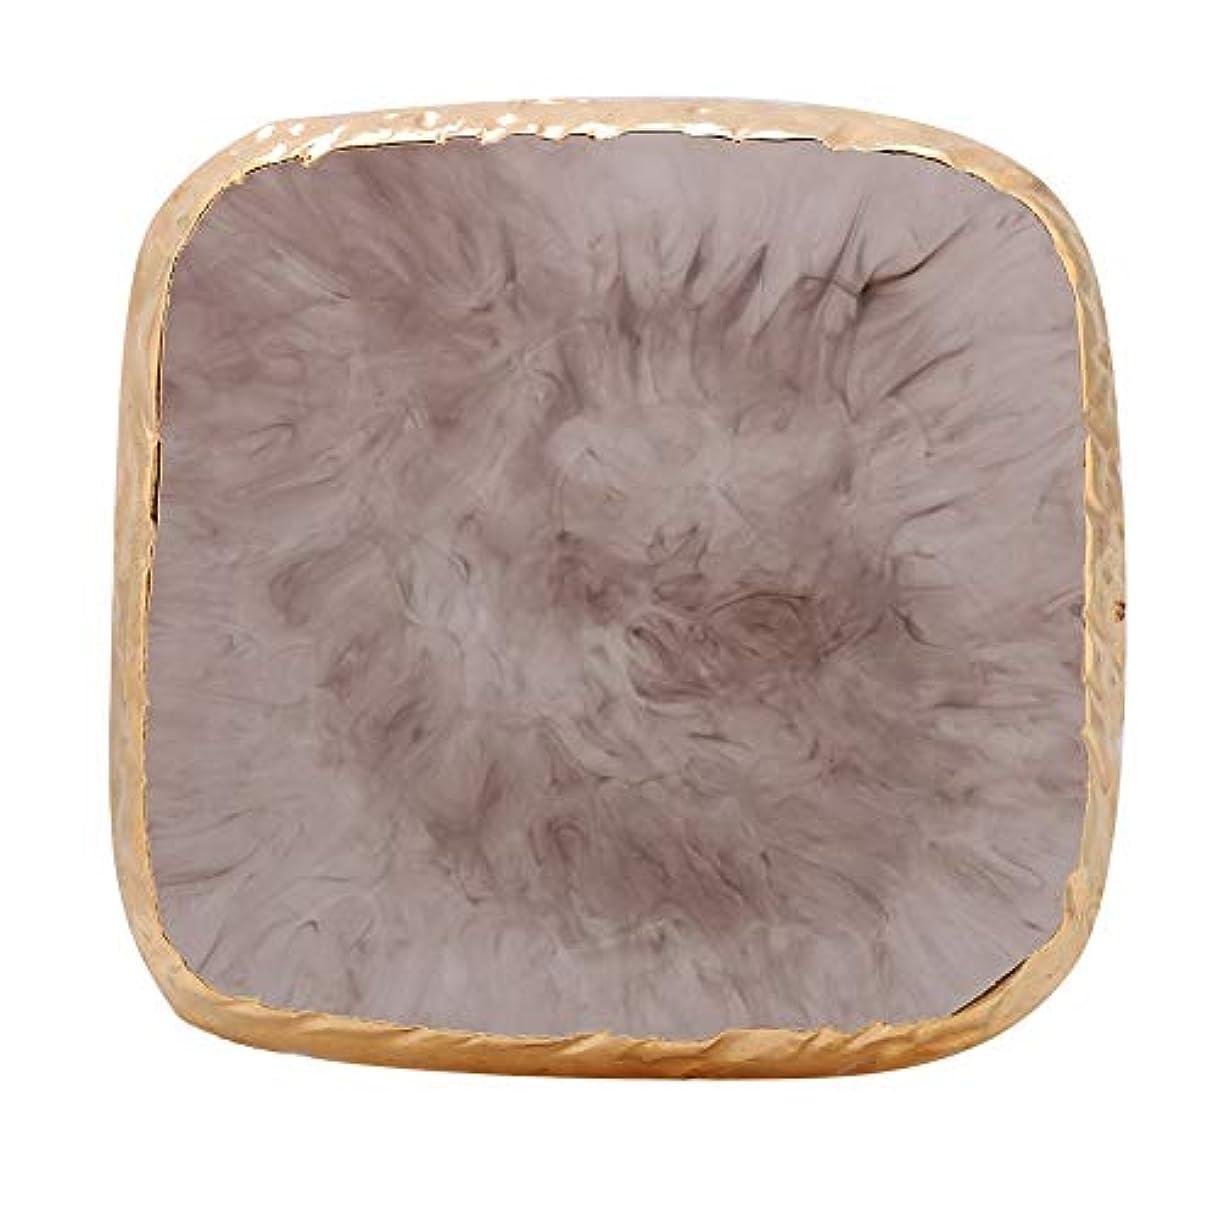 ビーズ最大の八百屋ネイルアートディスプレイスタンド 樹脂 ネイルアートジェル ディスプレイホルダー ネイルアートツール サロン アクセサリー ネイルポリッシュカラー (グレー)